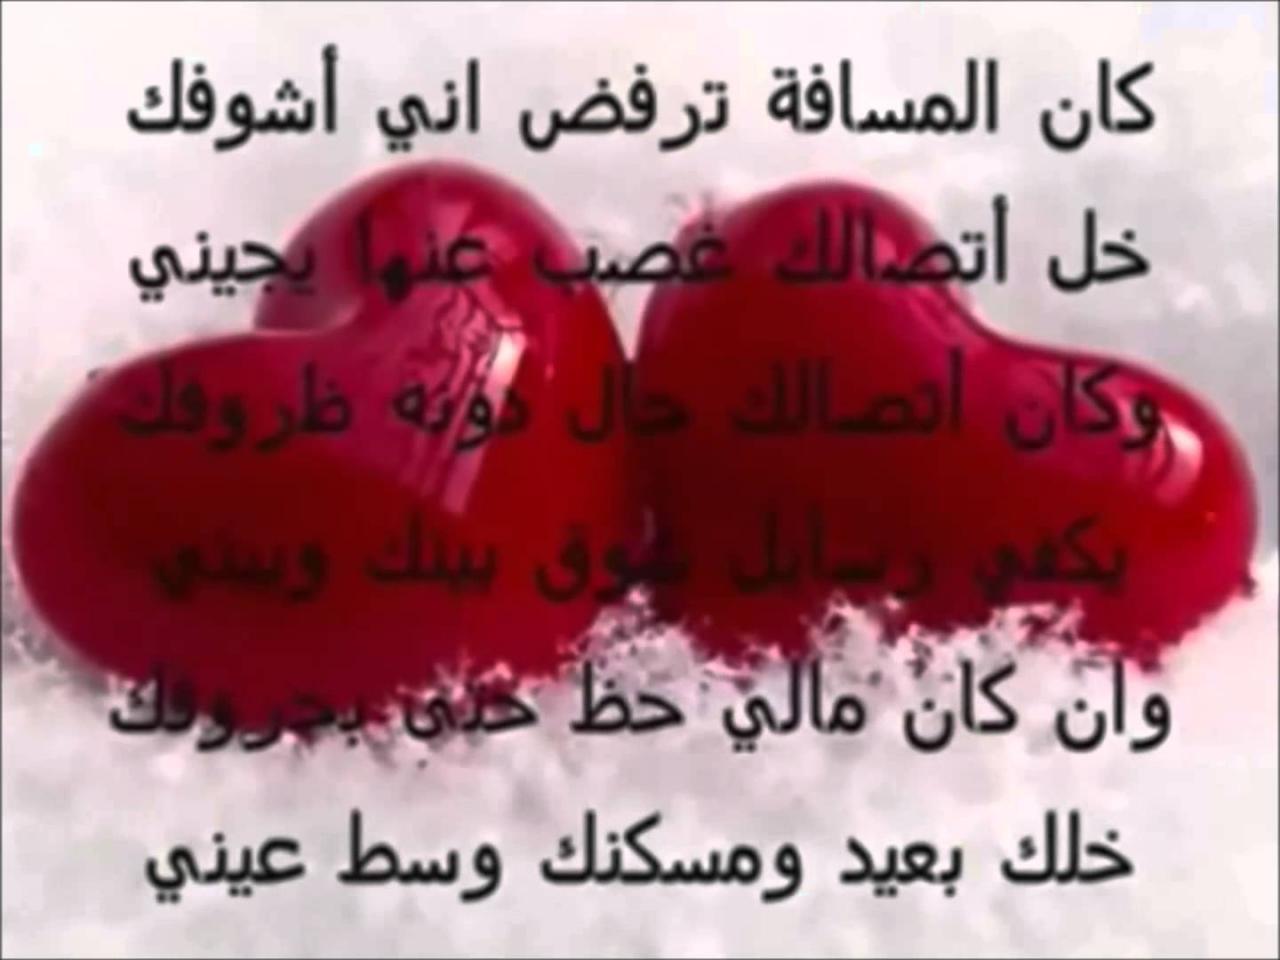 صورة اجمل رسائل الحب والشوق , معقولة رساله حب حلوة اوى كدا 1417 2